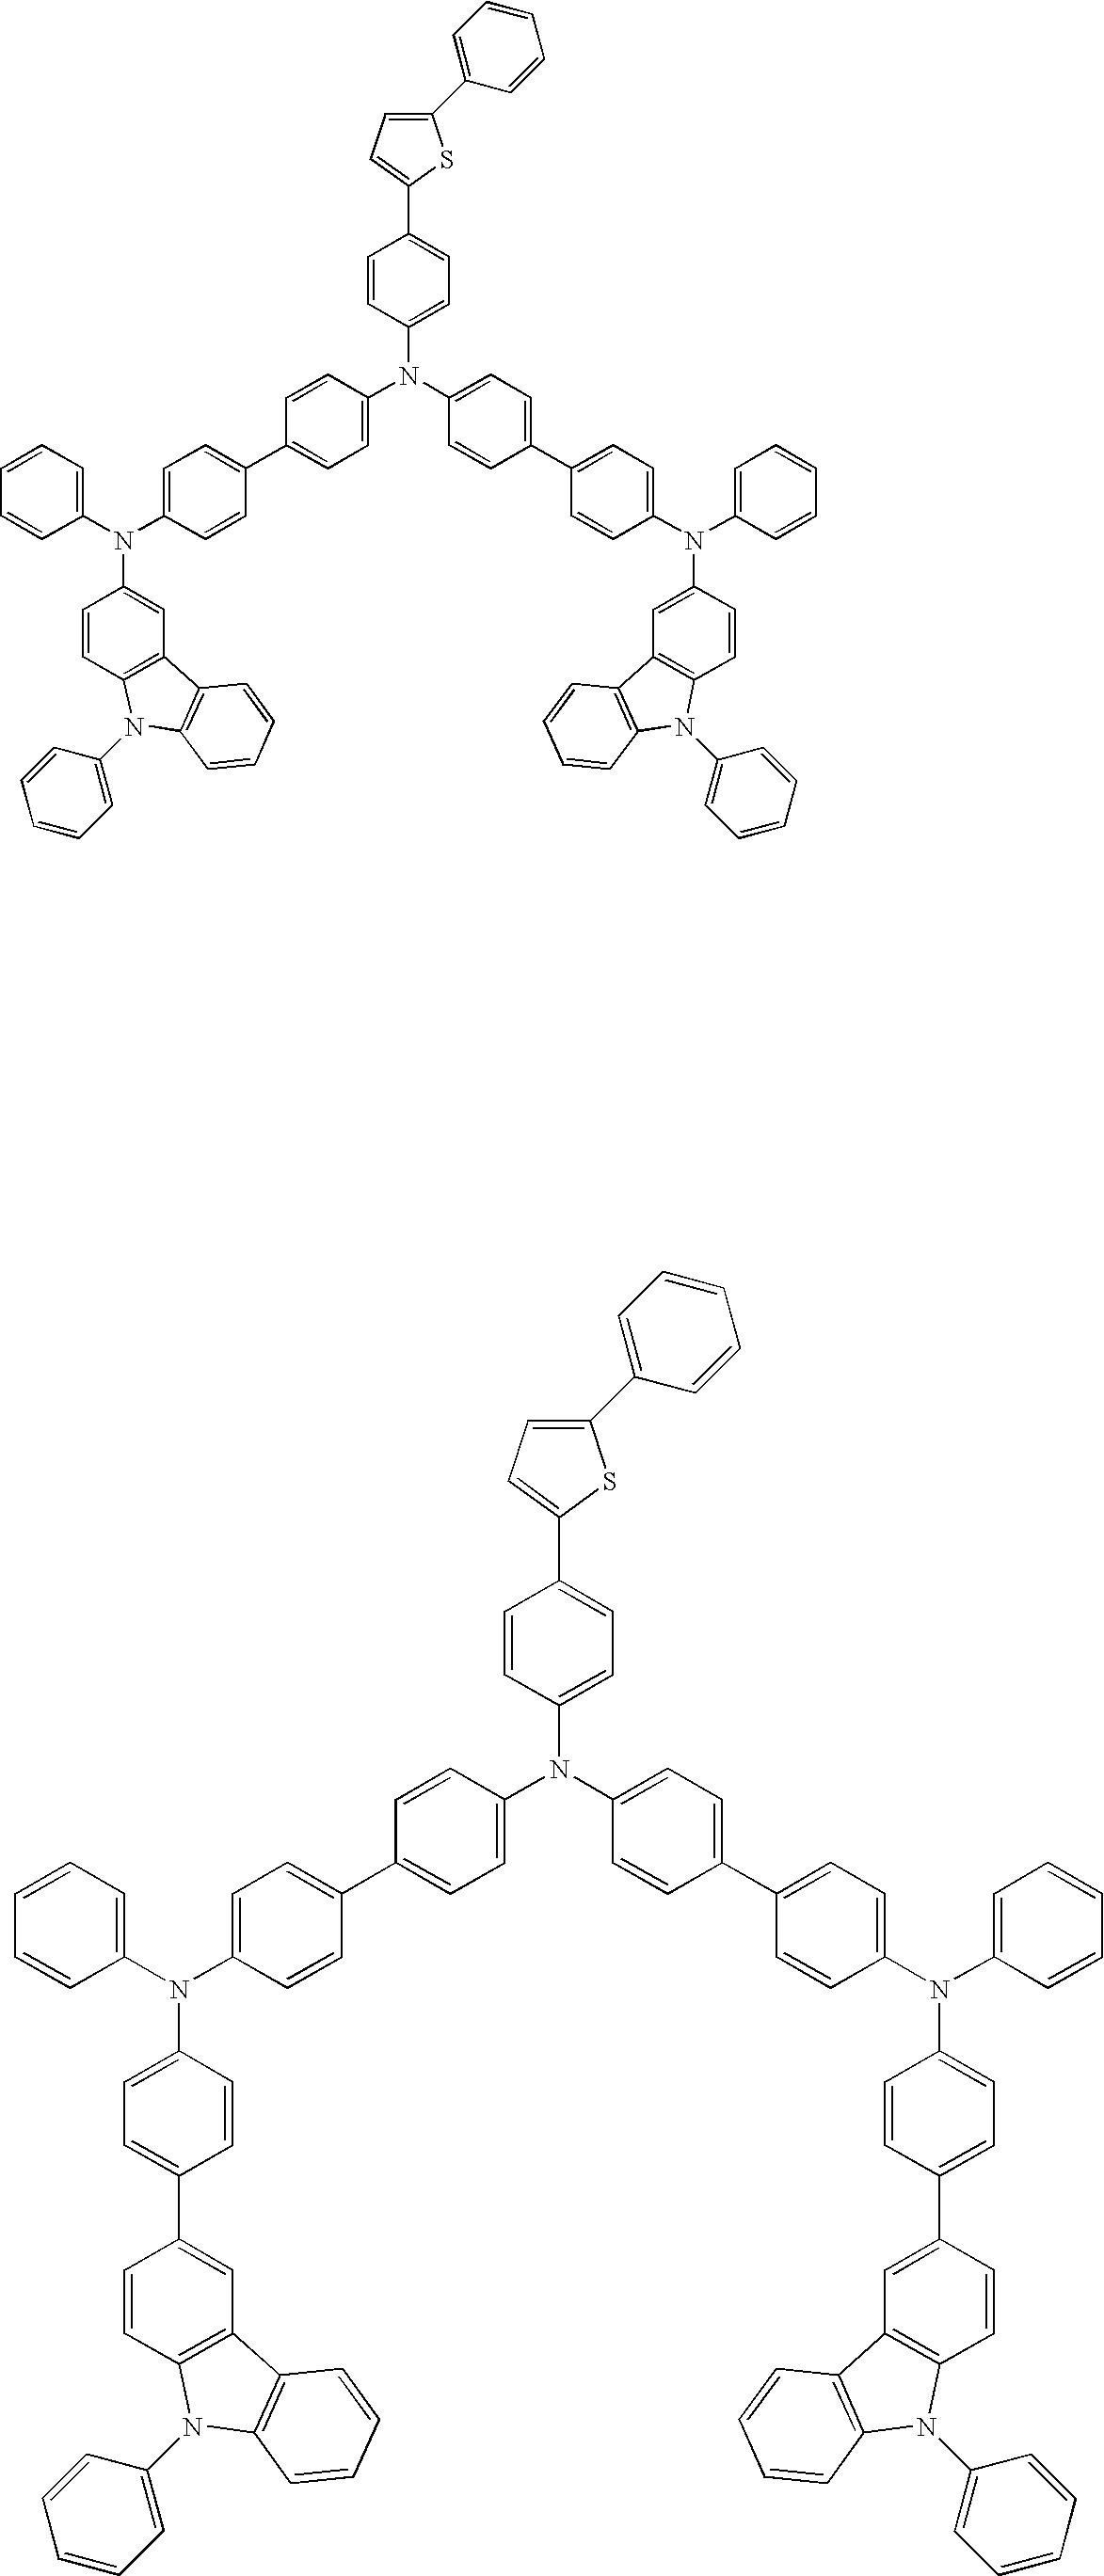 Figure US20090066235A1-20090312-C00034